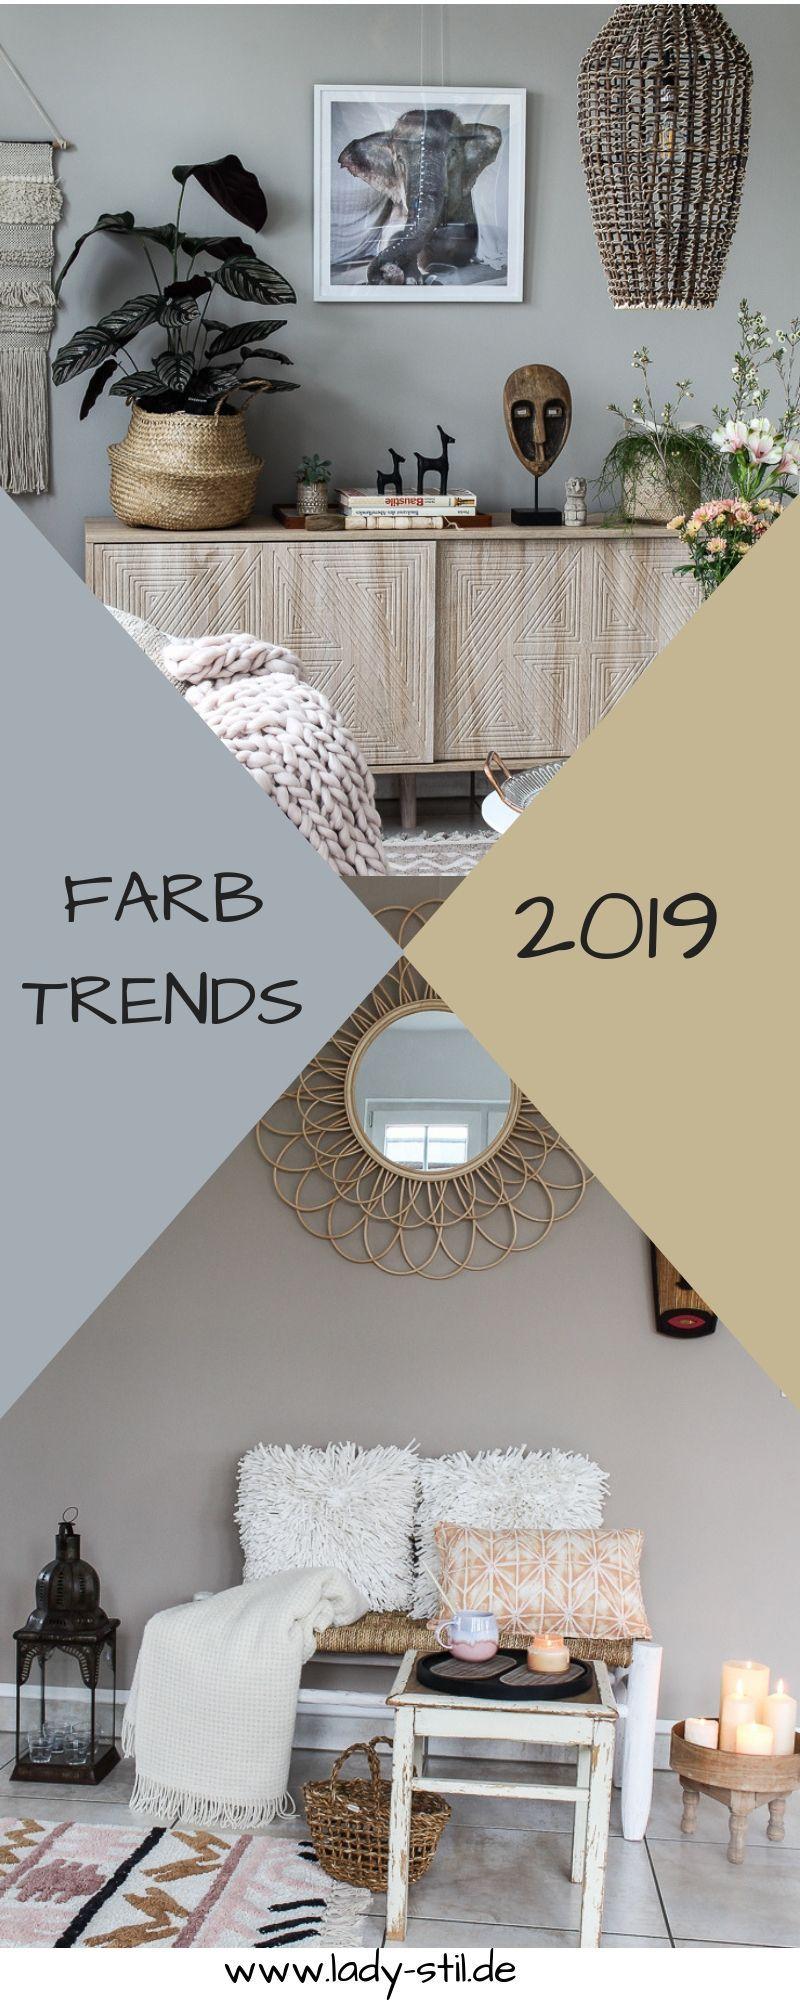 Farbtrends Wände Werbung Interior Farbtrends 2019 Wandgestaltung Wände Streichen Tip In 2020 Wandfarbe Wohnzimmer Wandgestaltung Wohnzimmer Farbe Wohnzimmer Streichen